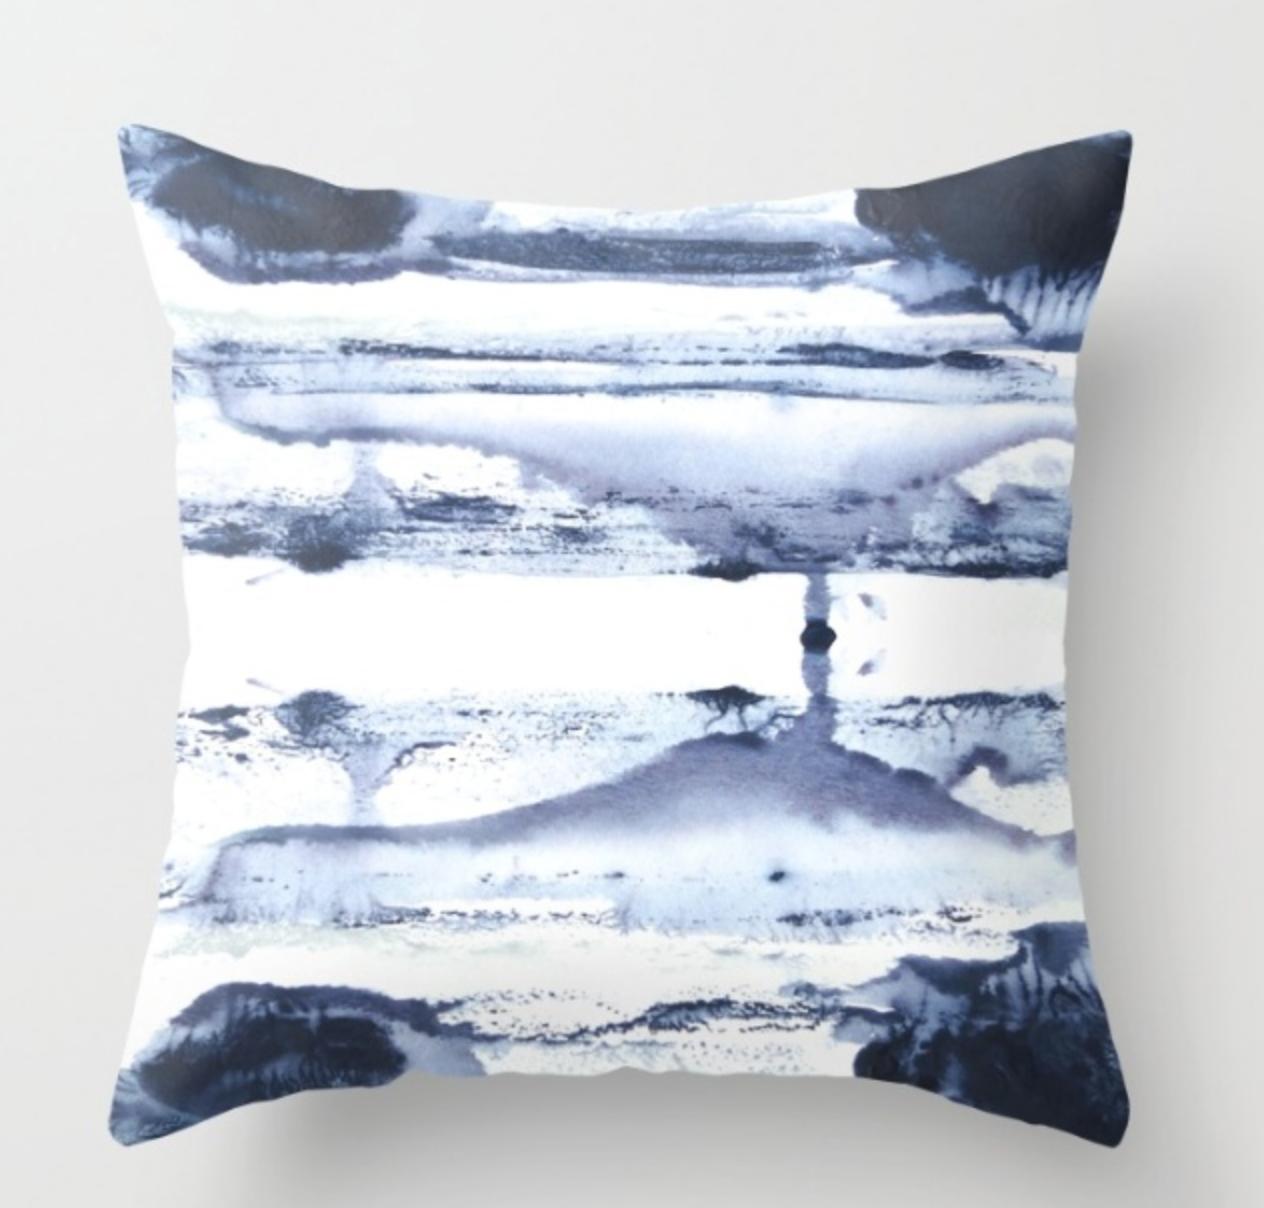 jennifer latimer design indigo tie dye fabric 2016 navy white pillow like similar to style eskayel